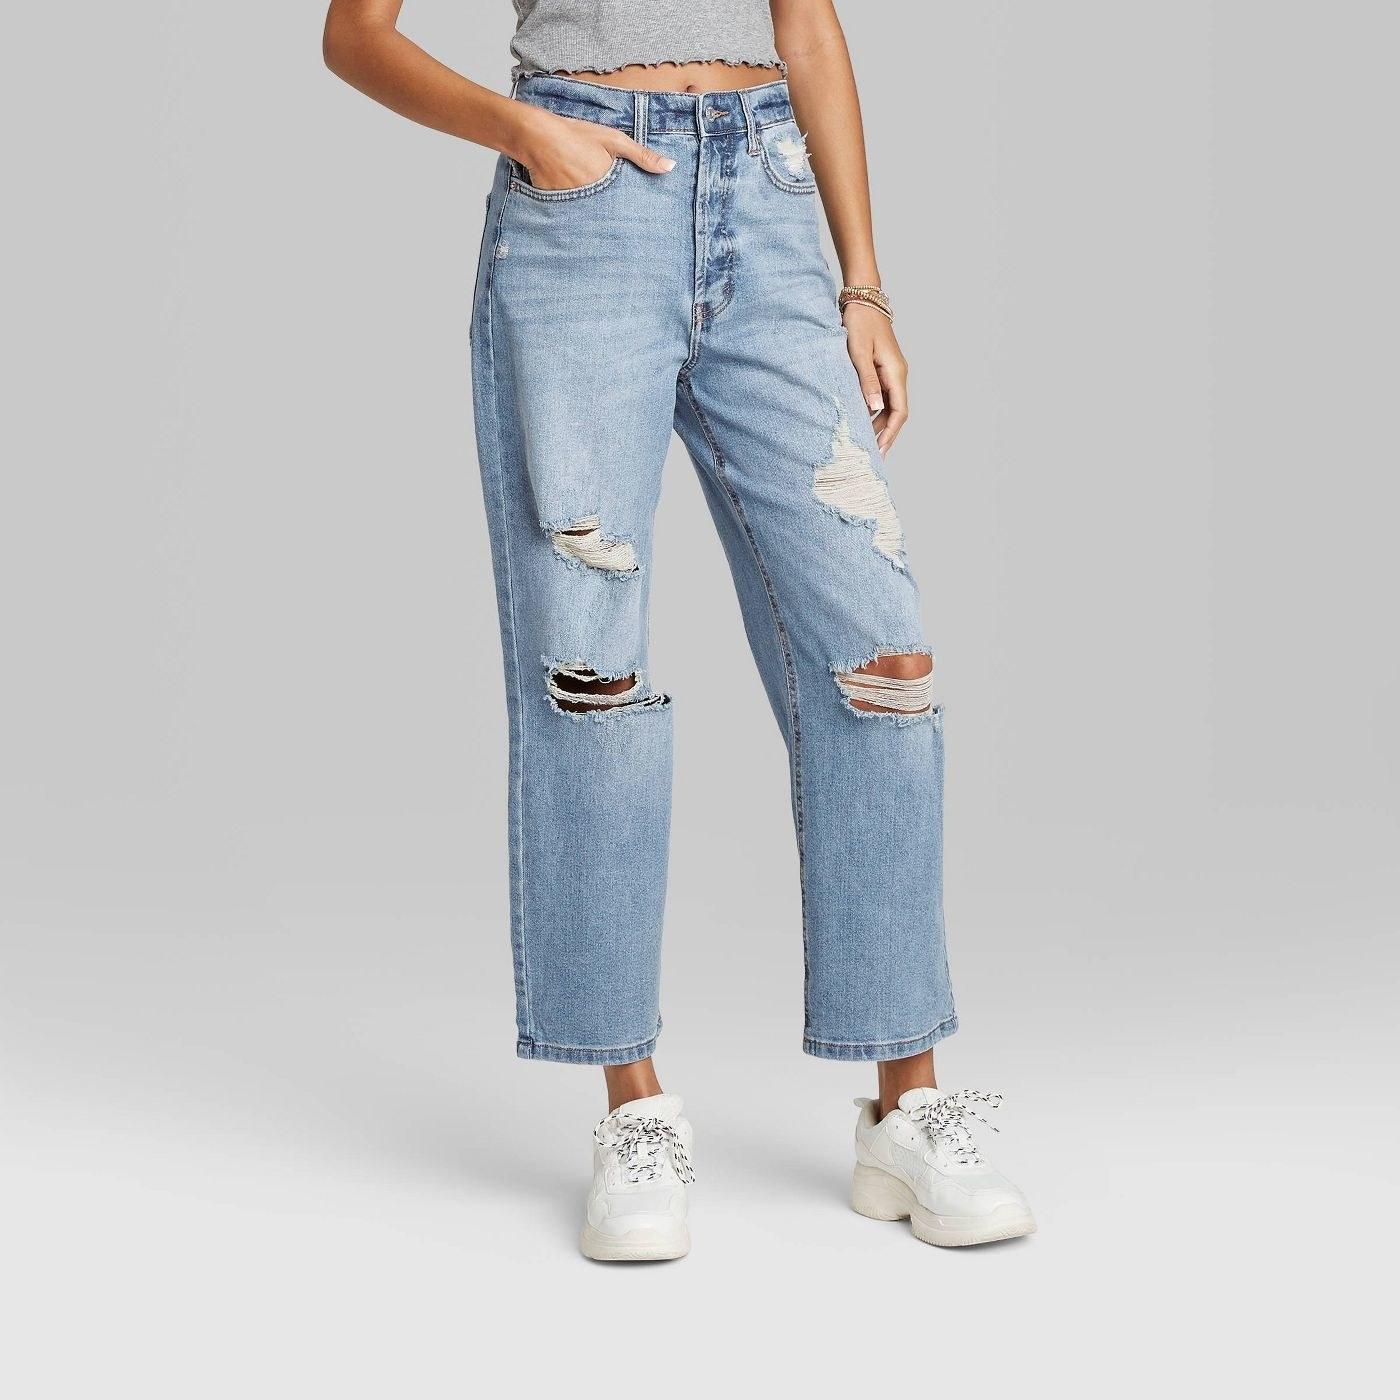 a woman wearing ripped boyfriend jeans